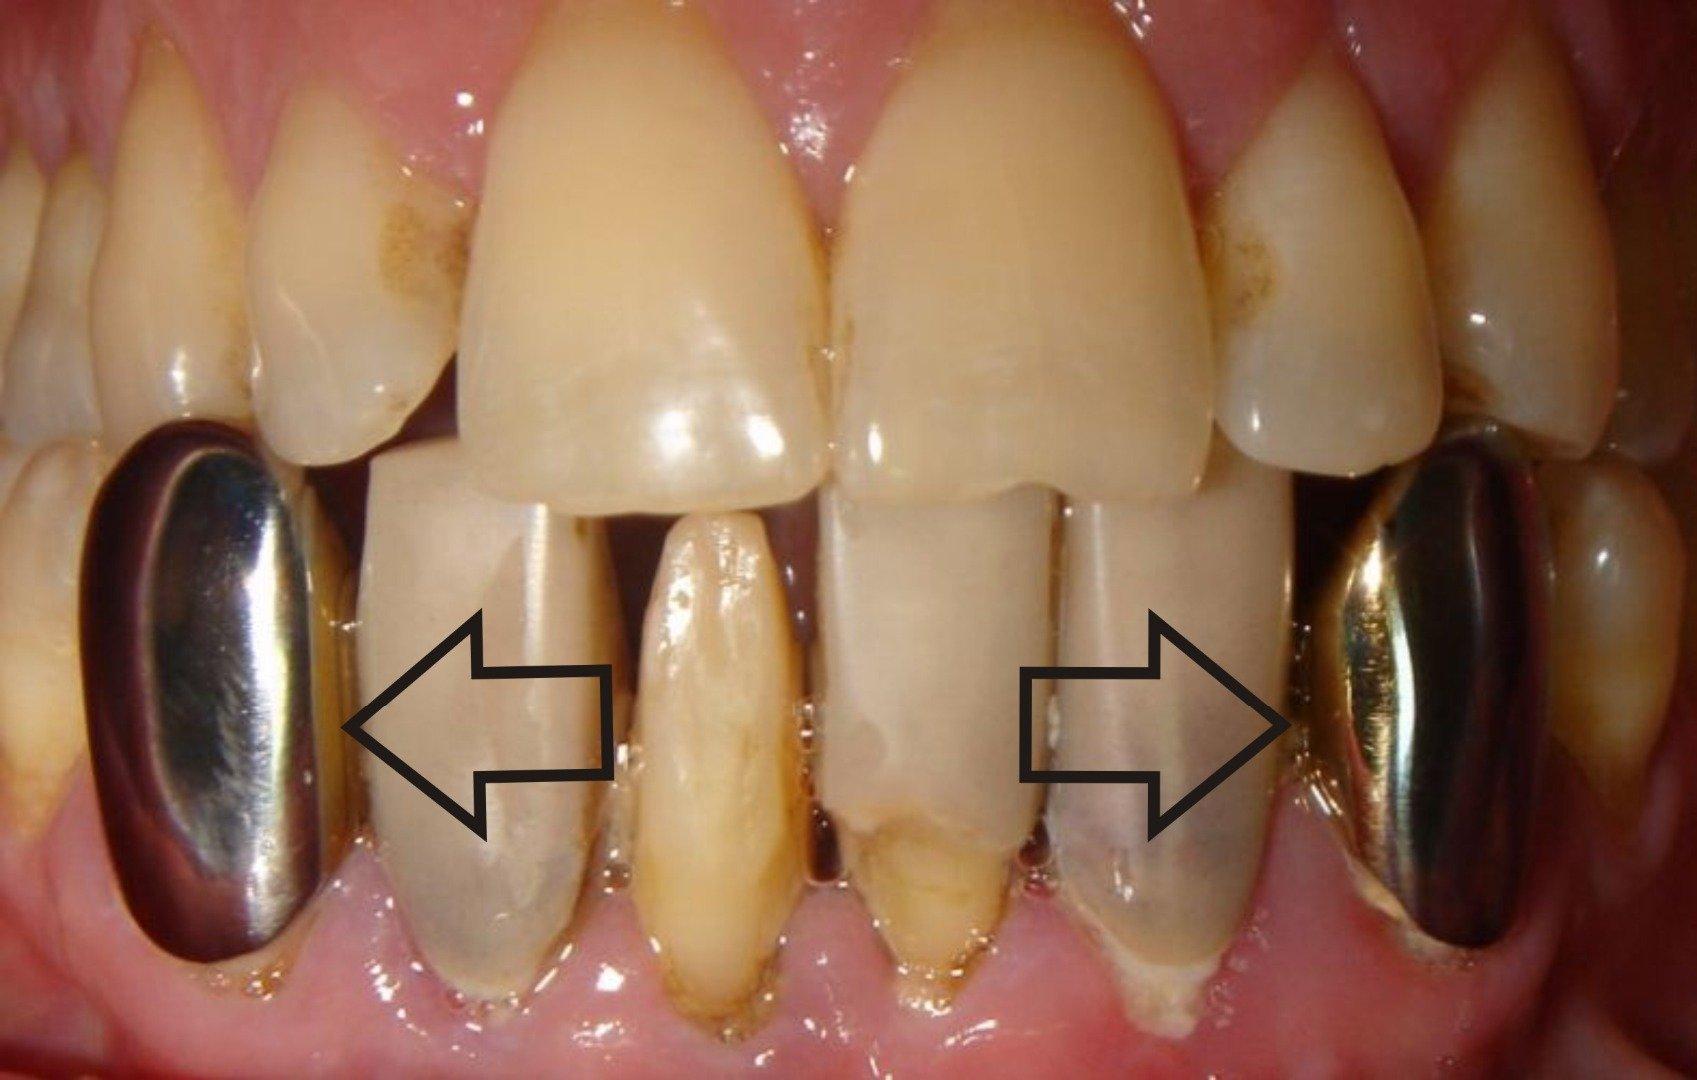 Зубной камень: классификация и причины - методы чистки и профилактика - много зубов